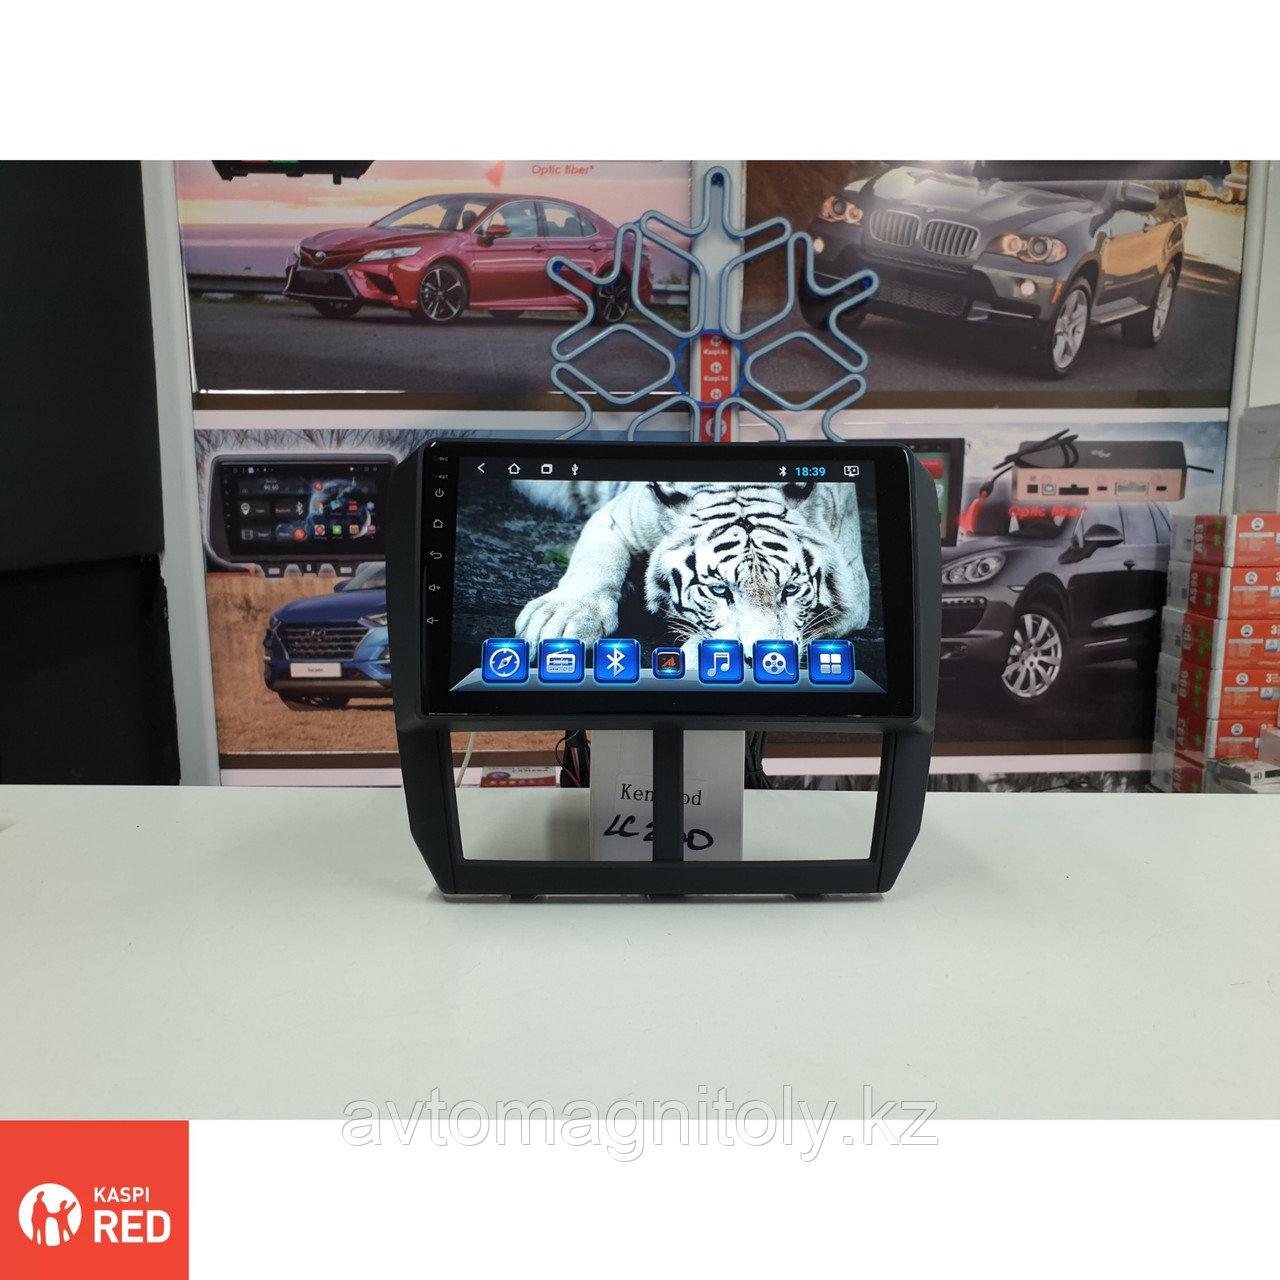 Автомагнитола AutoLine Subaru Impreza 2008-2012/8 ЯДЕРНЫЙ